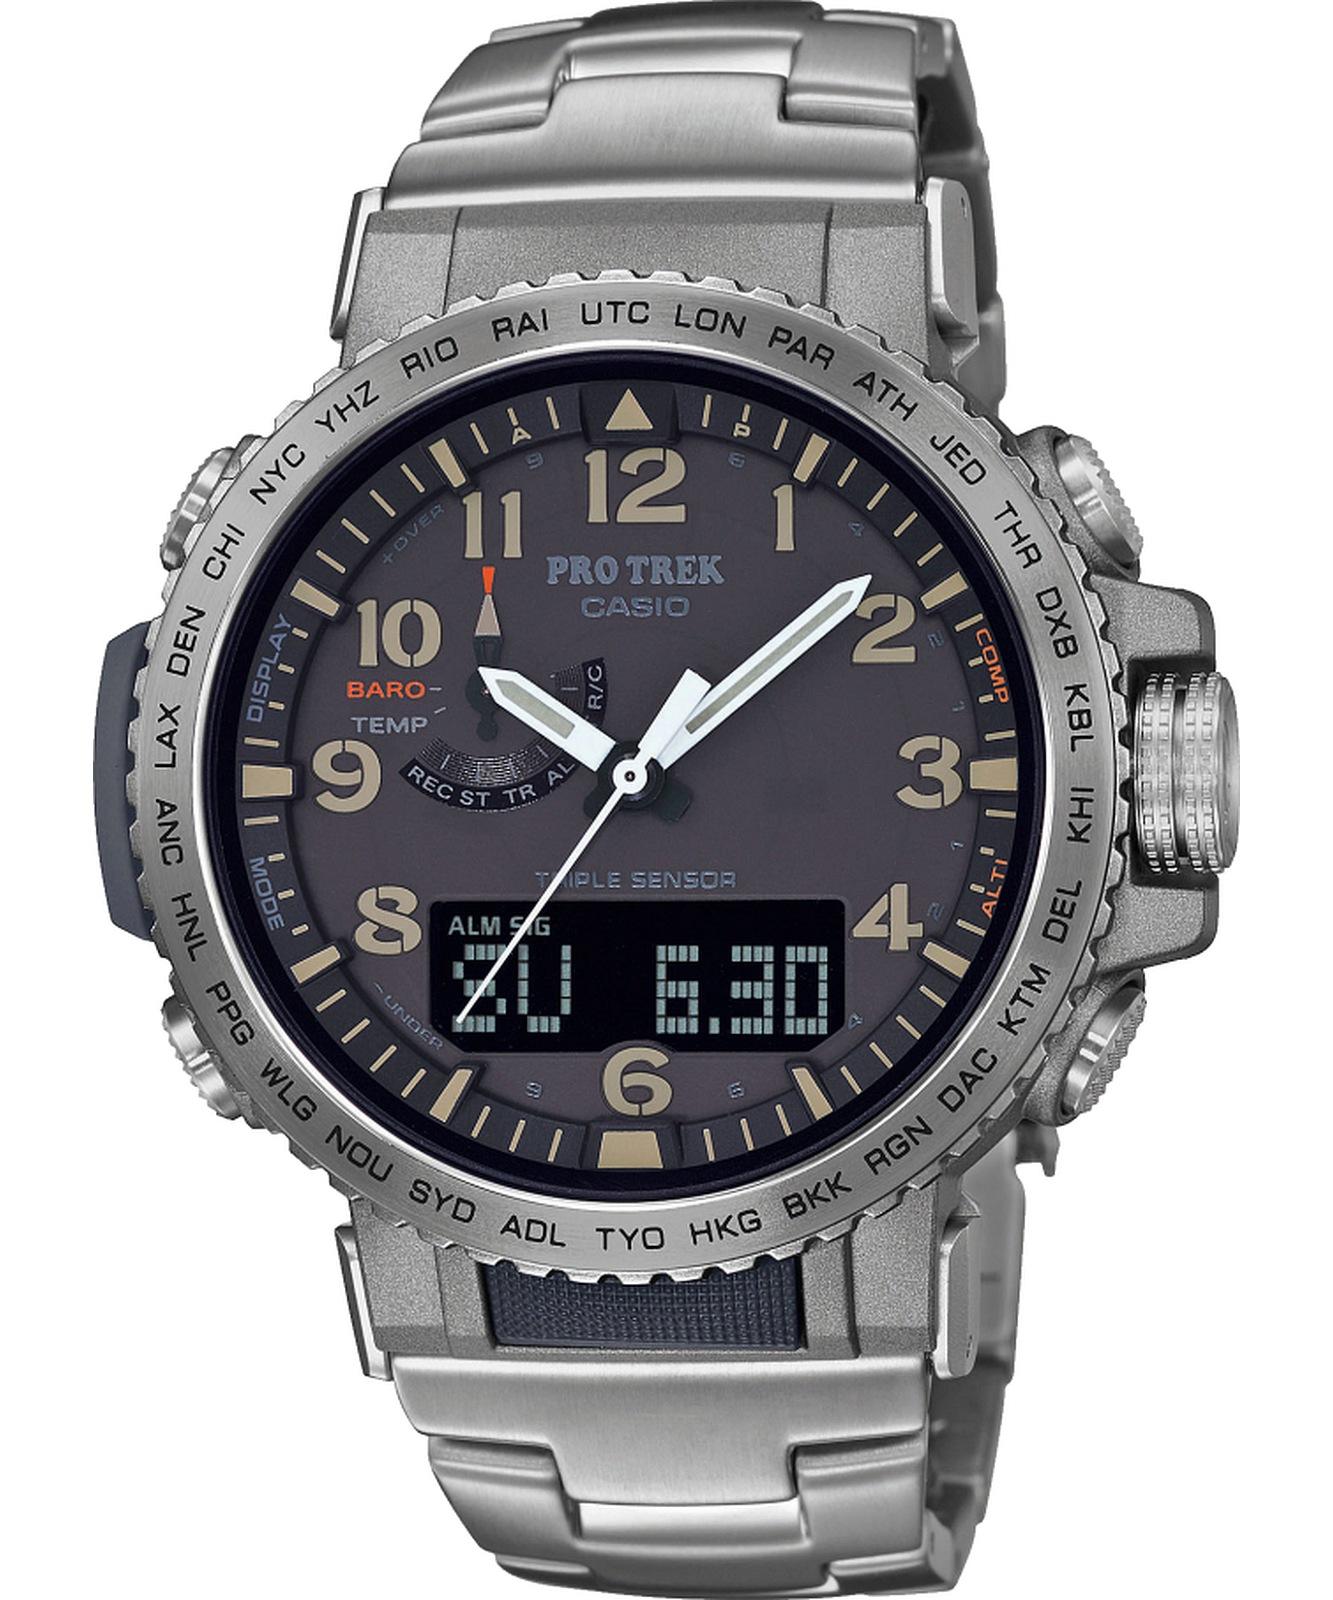 zegarek-meski-protrek-slim-design-tough-solar-prw-50t-7aer